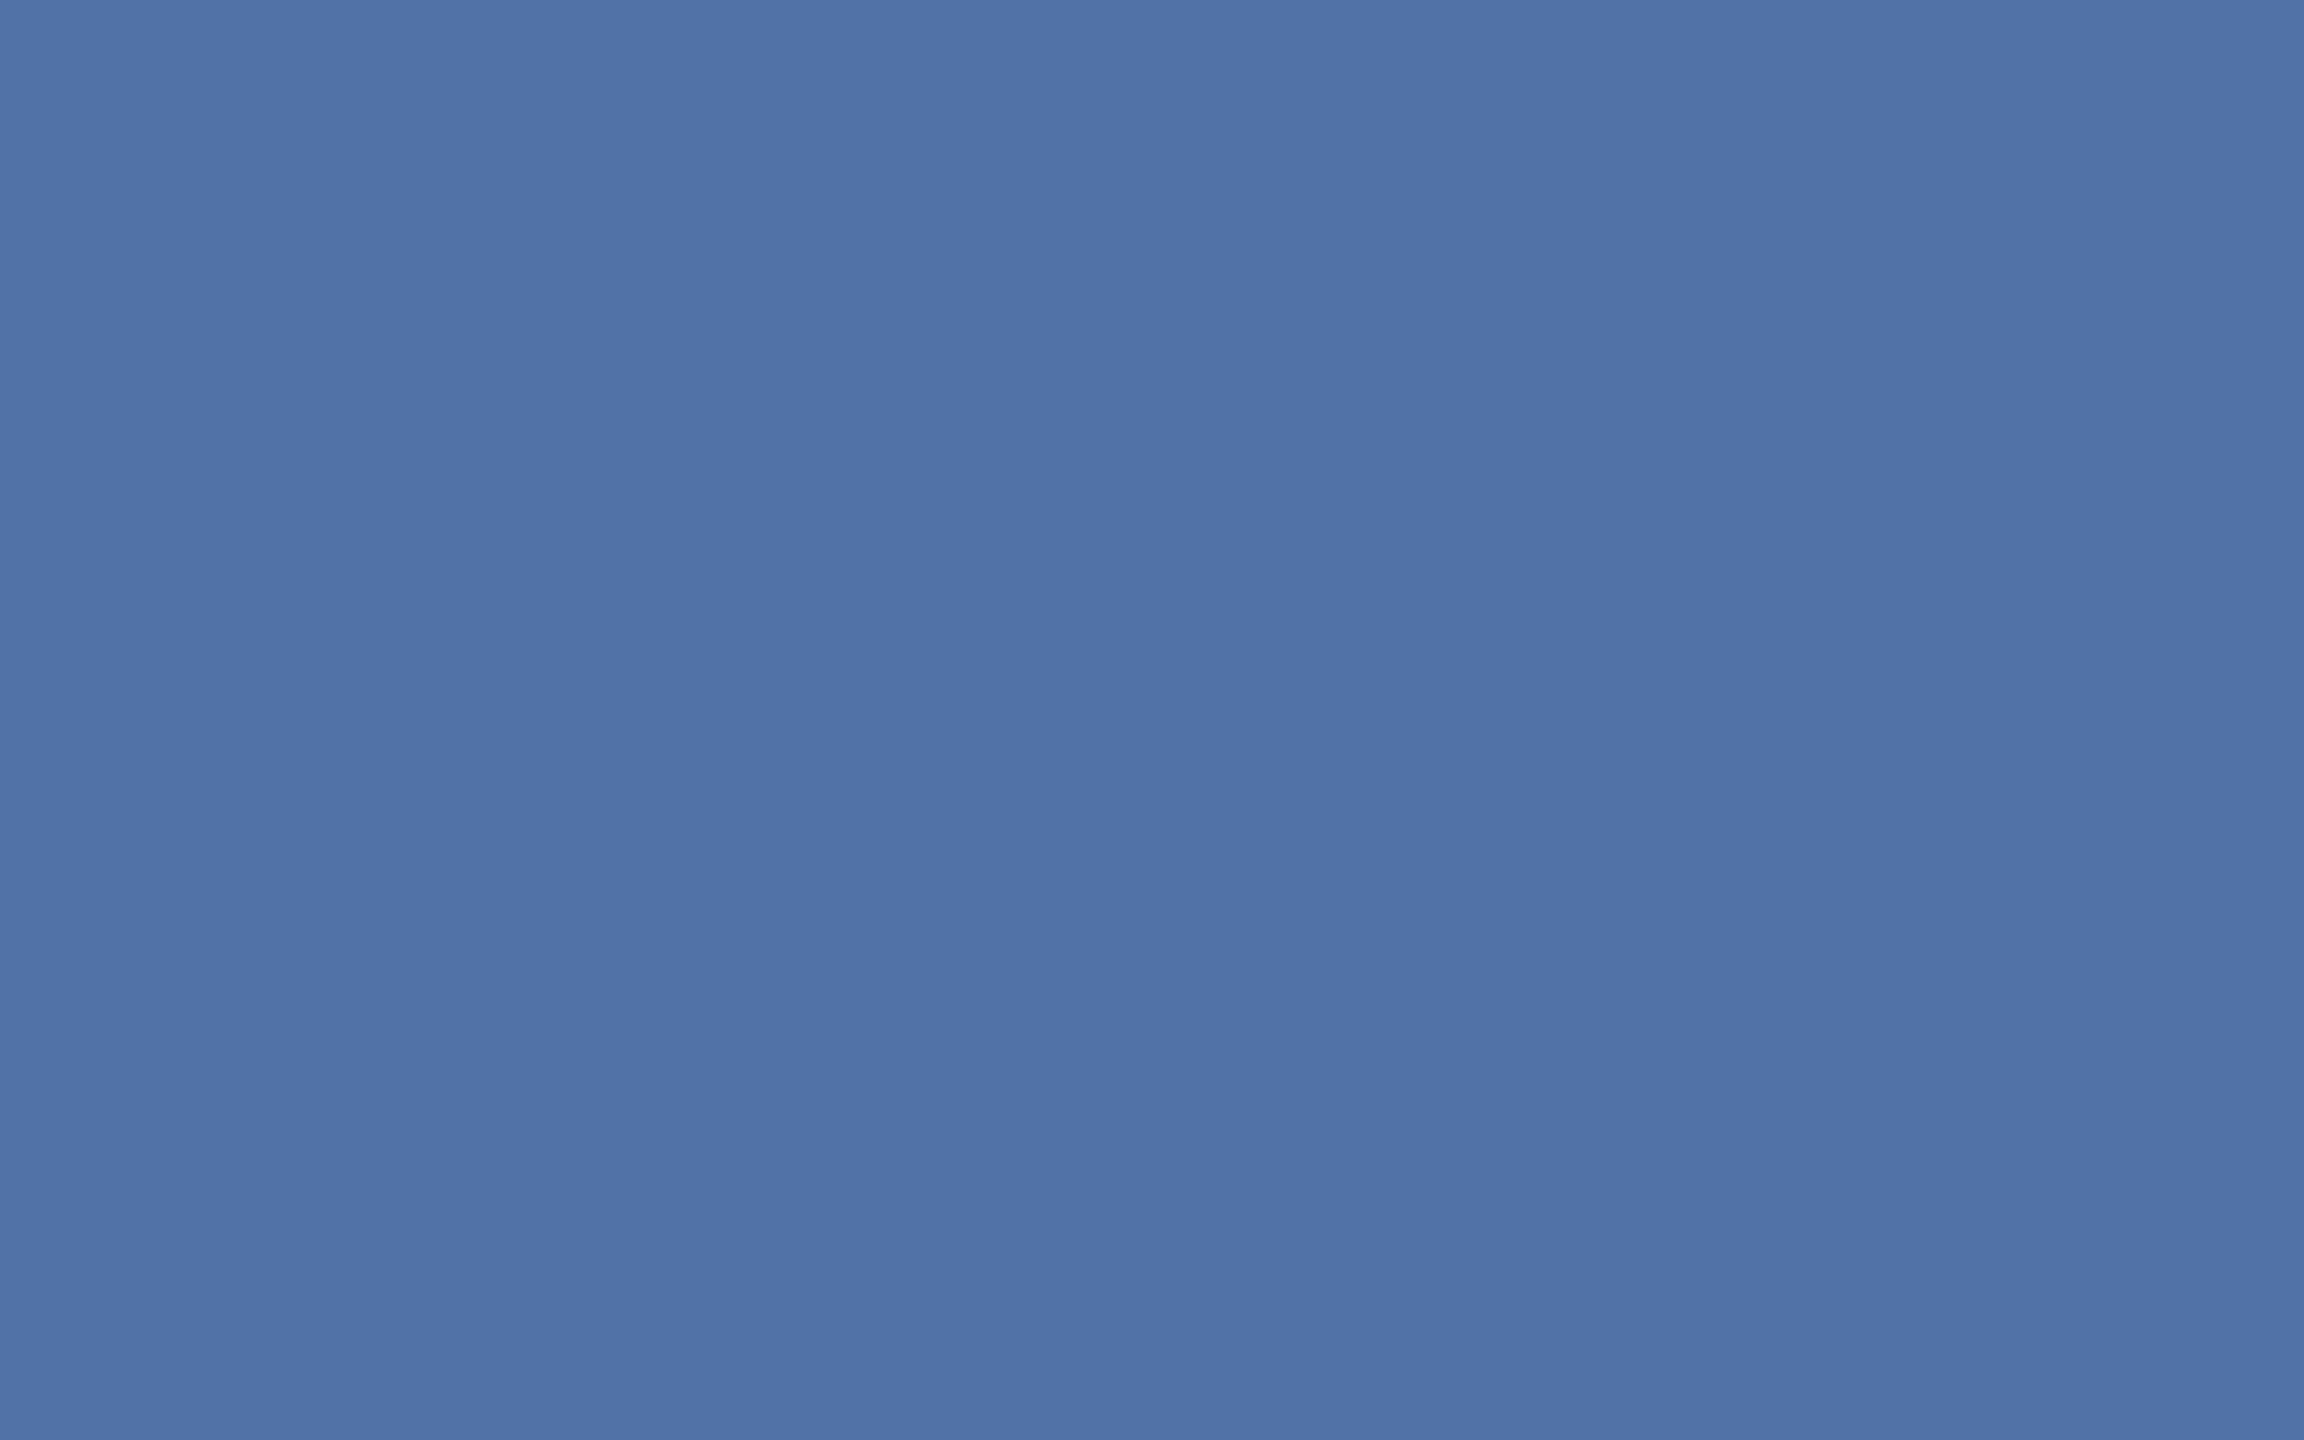 2304x1440 Blue Yonder Solid Color Background